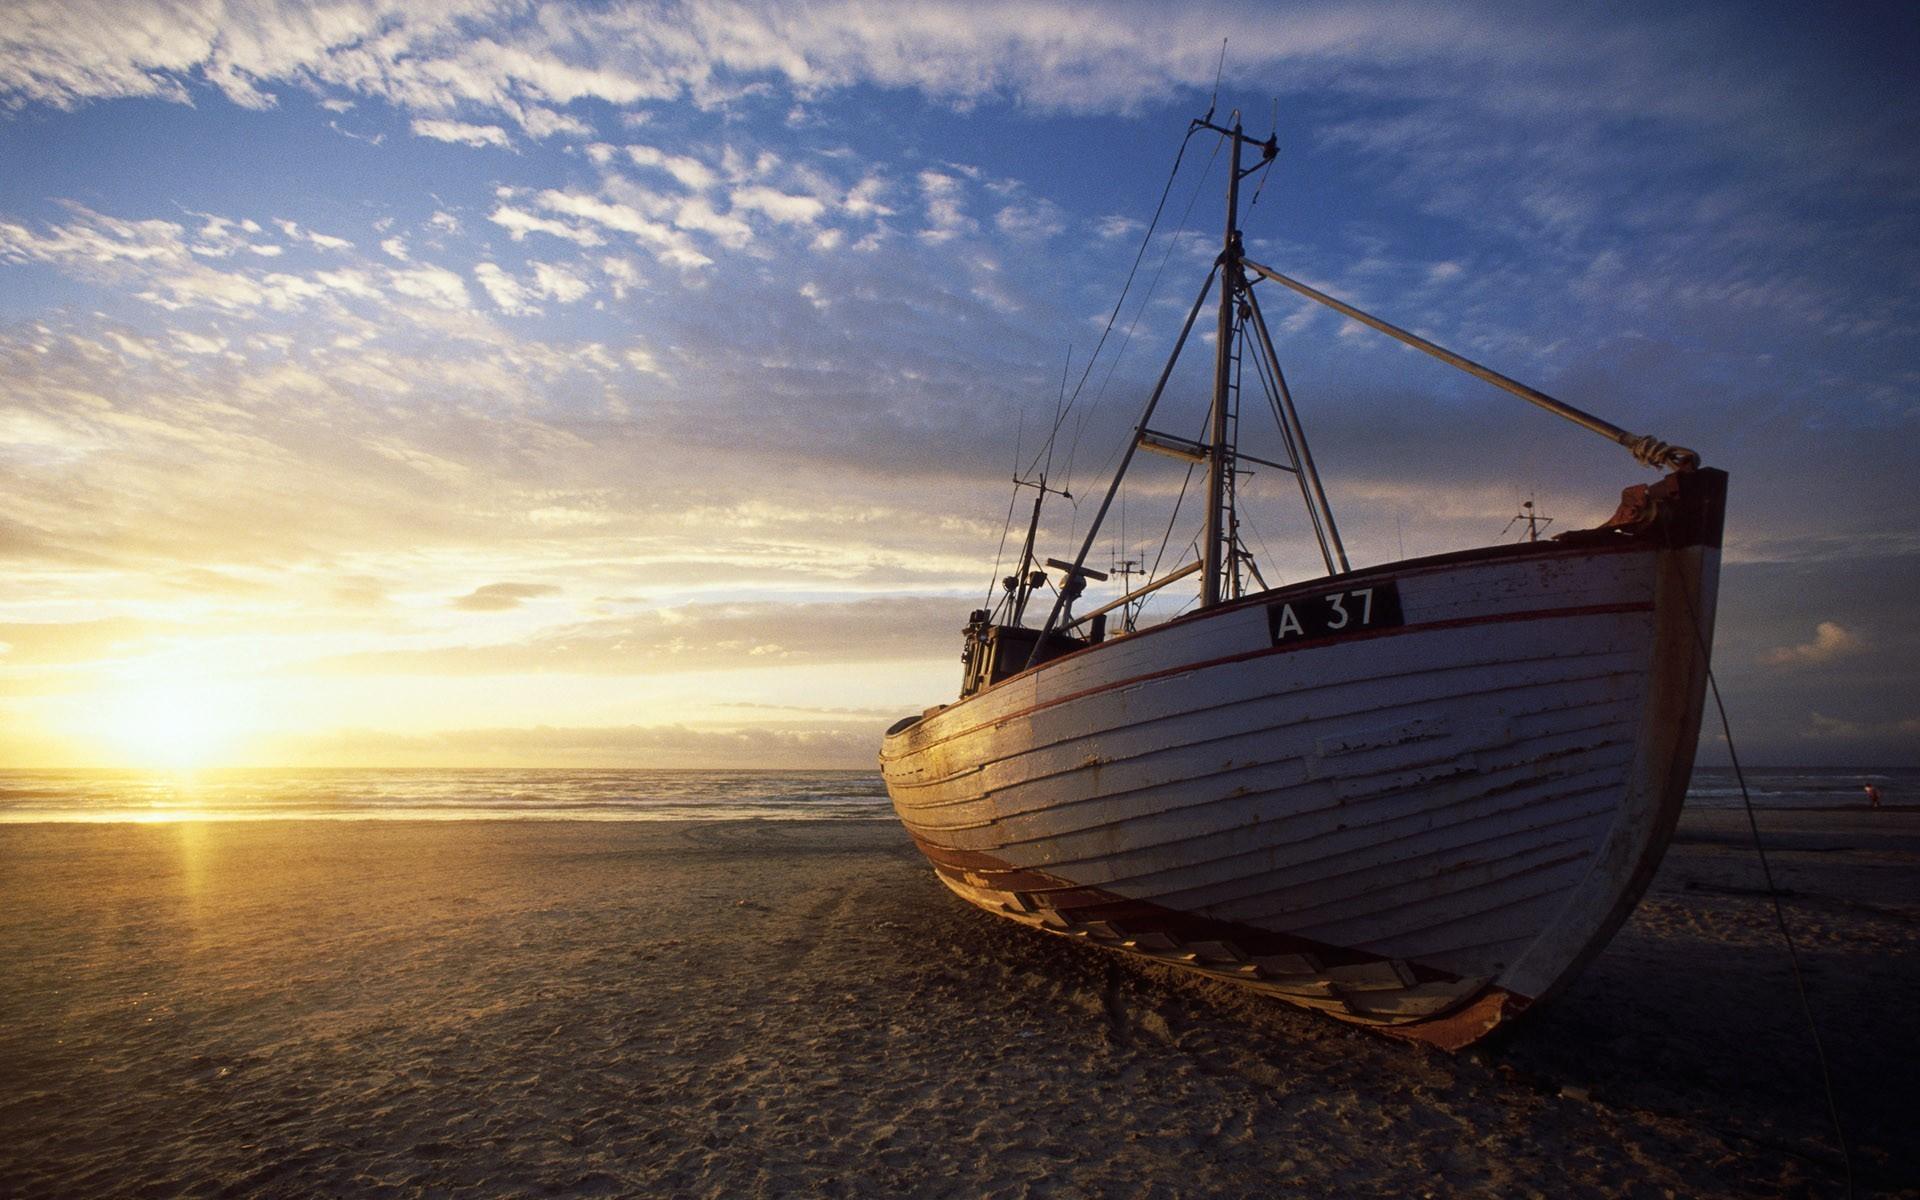 Segelschiffe auf dem meer sonnenuntergang  Hintergrundbilder : Sonnenlicht, Landschaft, Schiff, Boot ...